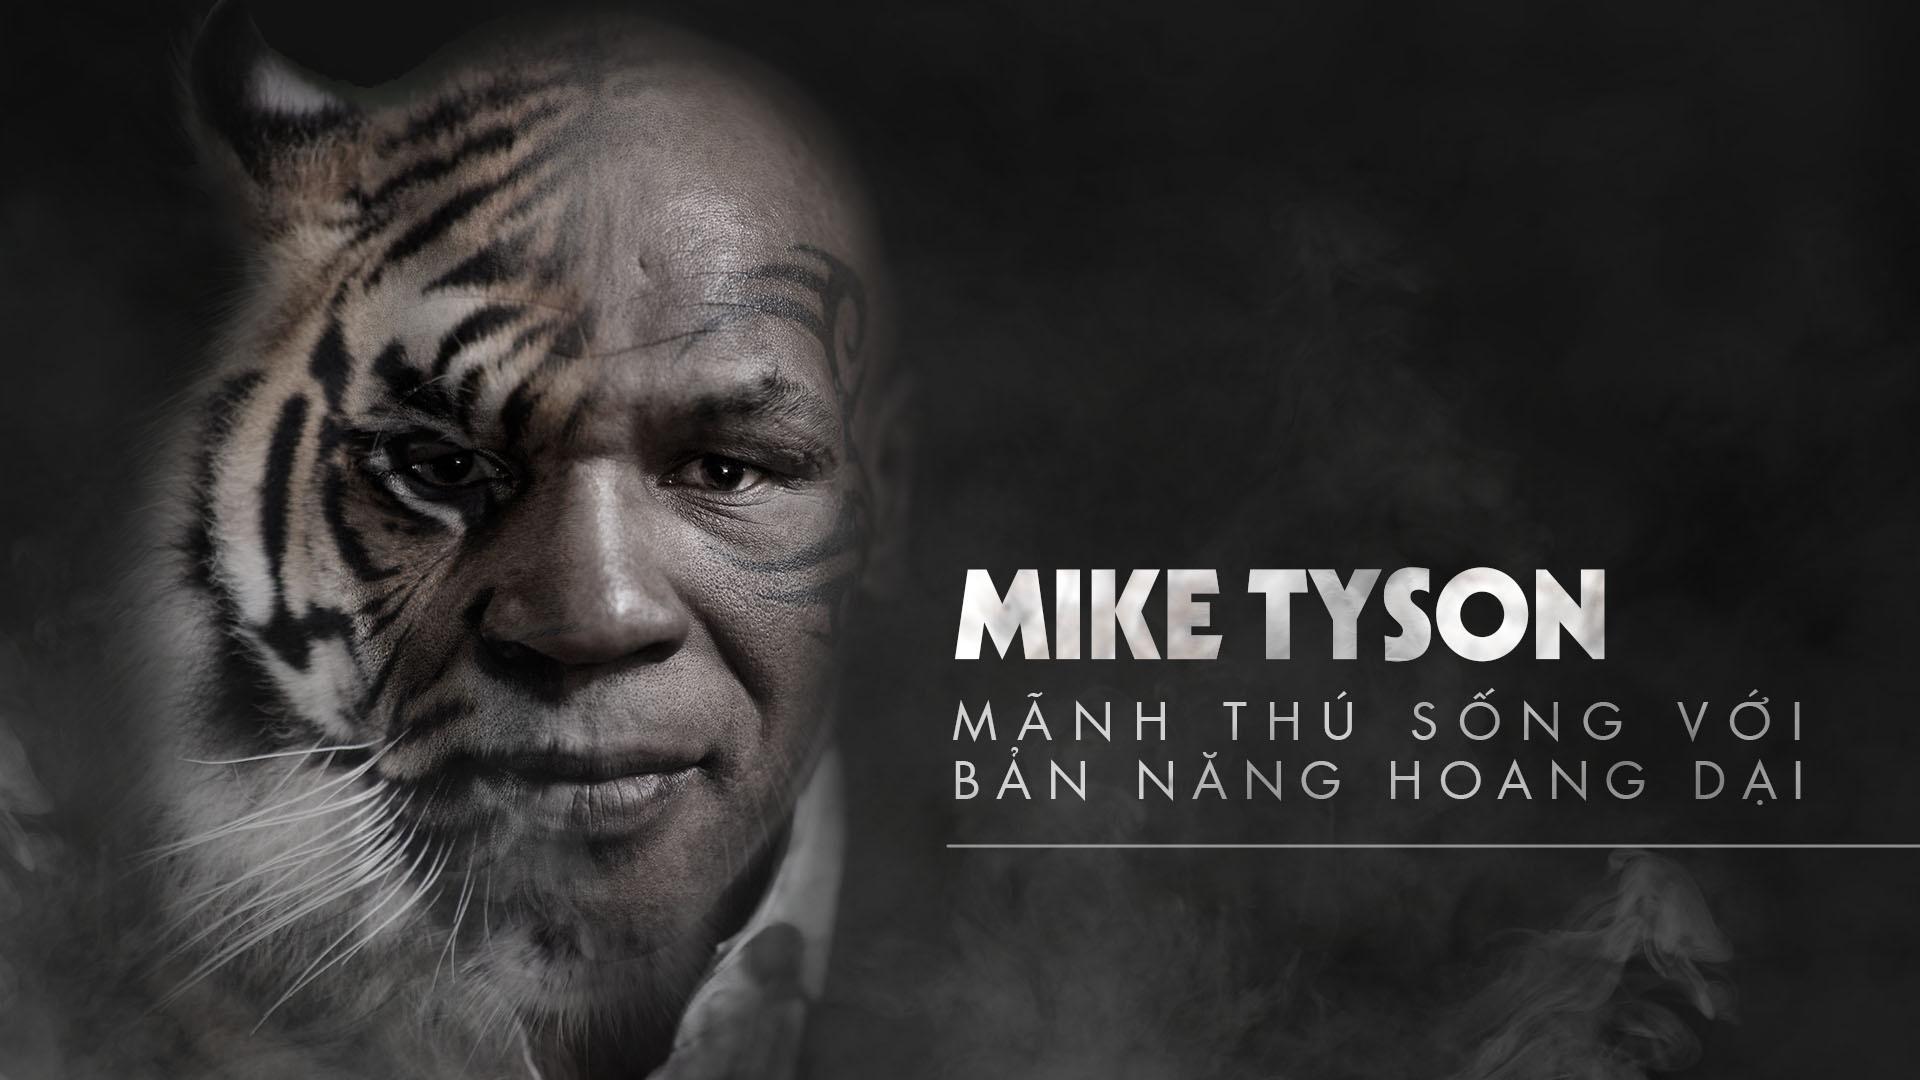 Mike Tyson: Manh thu song voi ban nang hoang dai anh 1